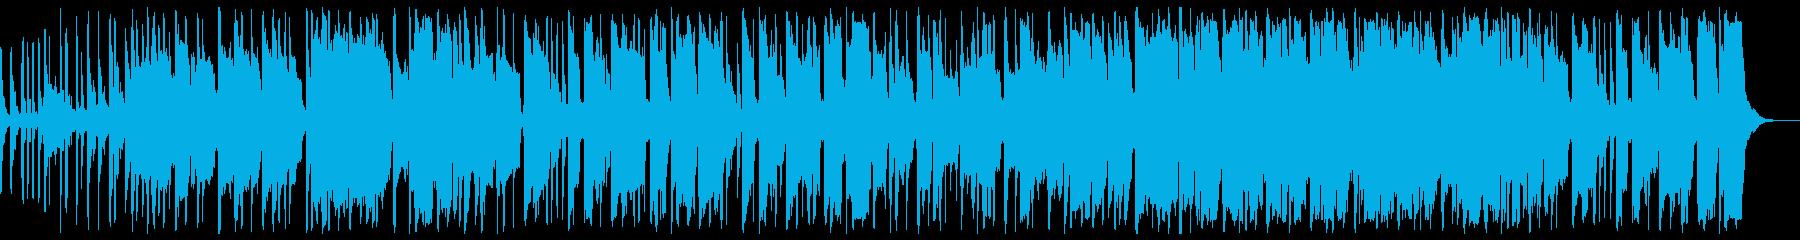 サラサラ ジャズ ラテン 代替案 ...の再生済みの波形